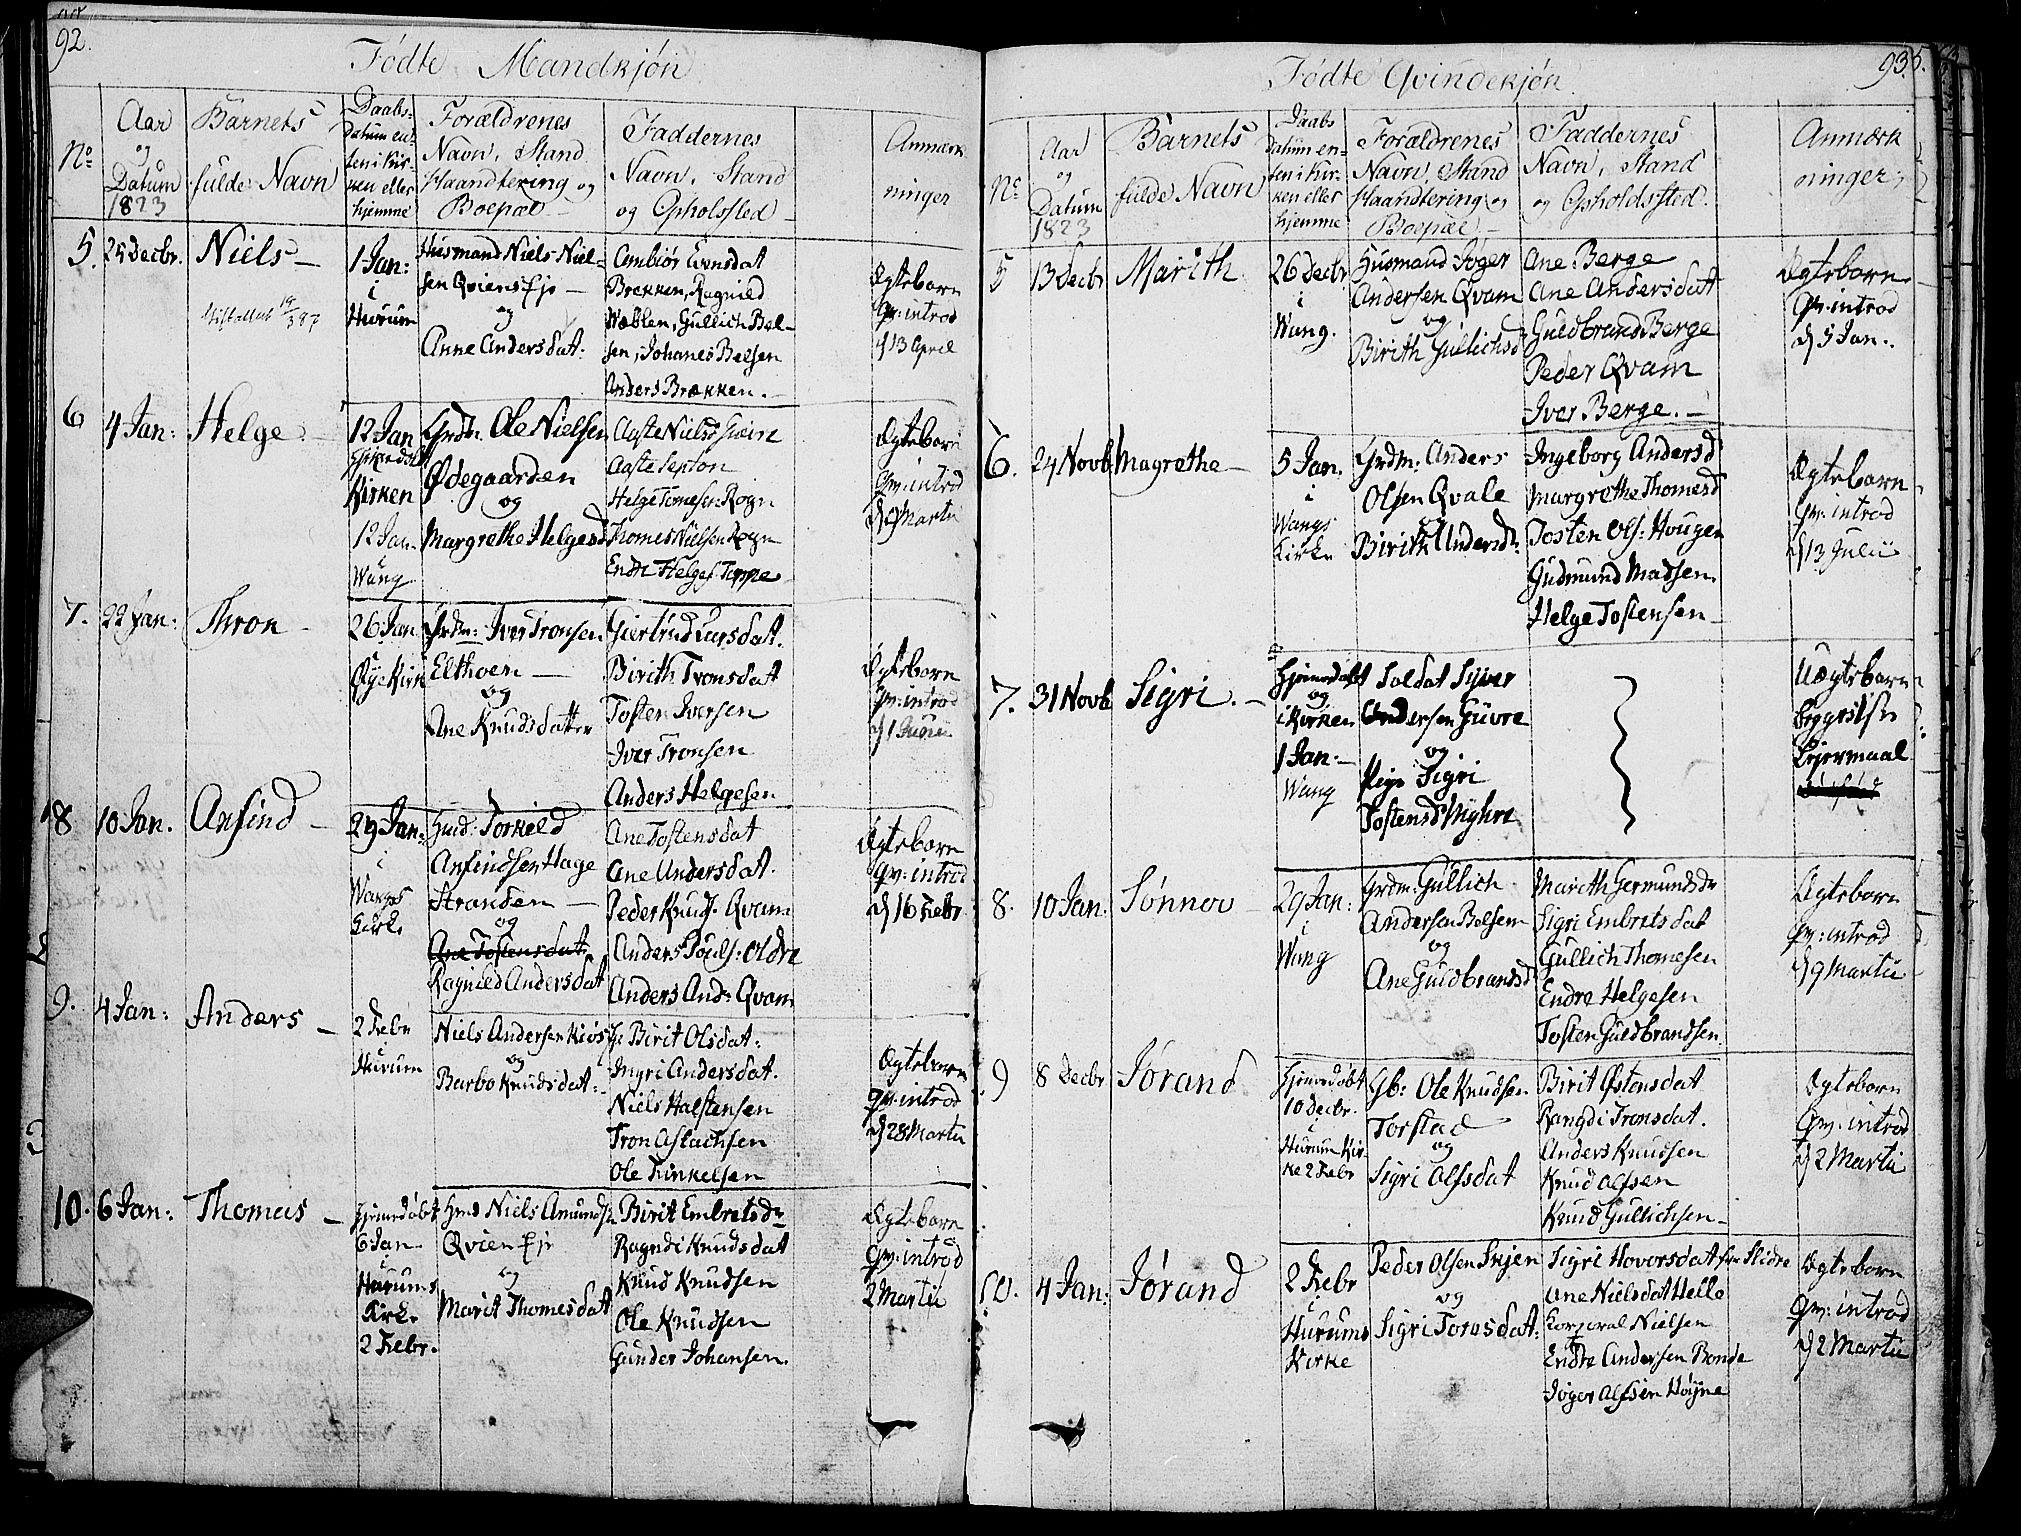 SAH, Vang prestekontor, Valdres, Ministerialbok nr. 3, 1809-1831, s. 92-93